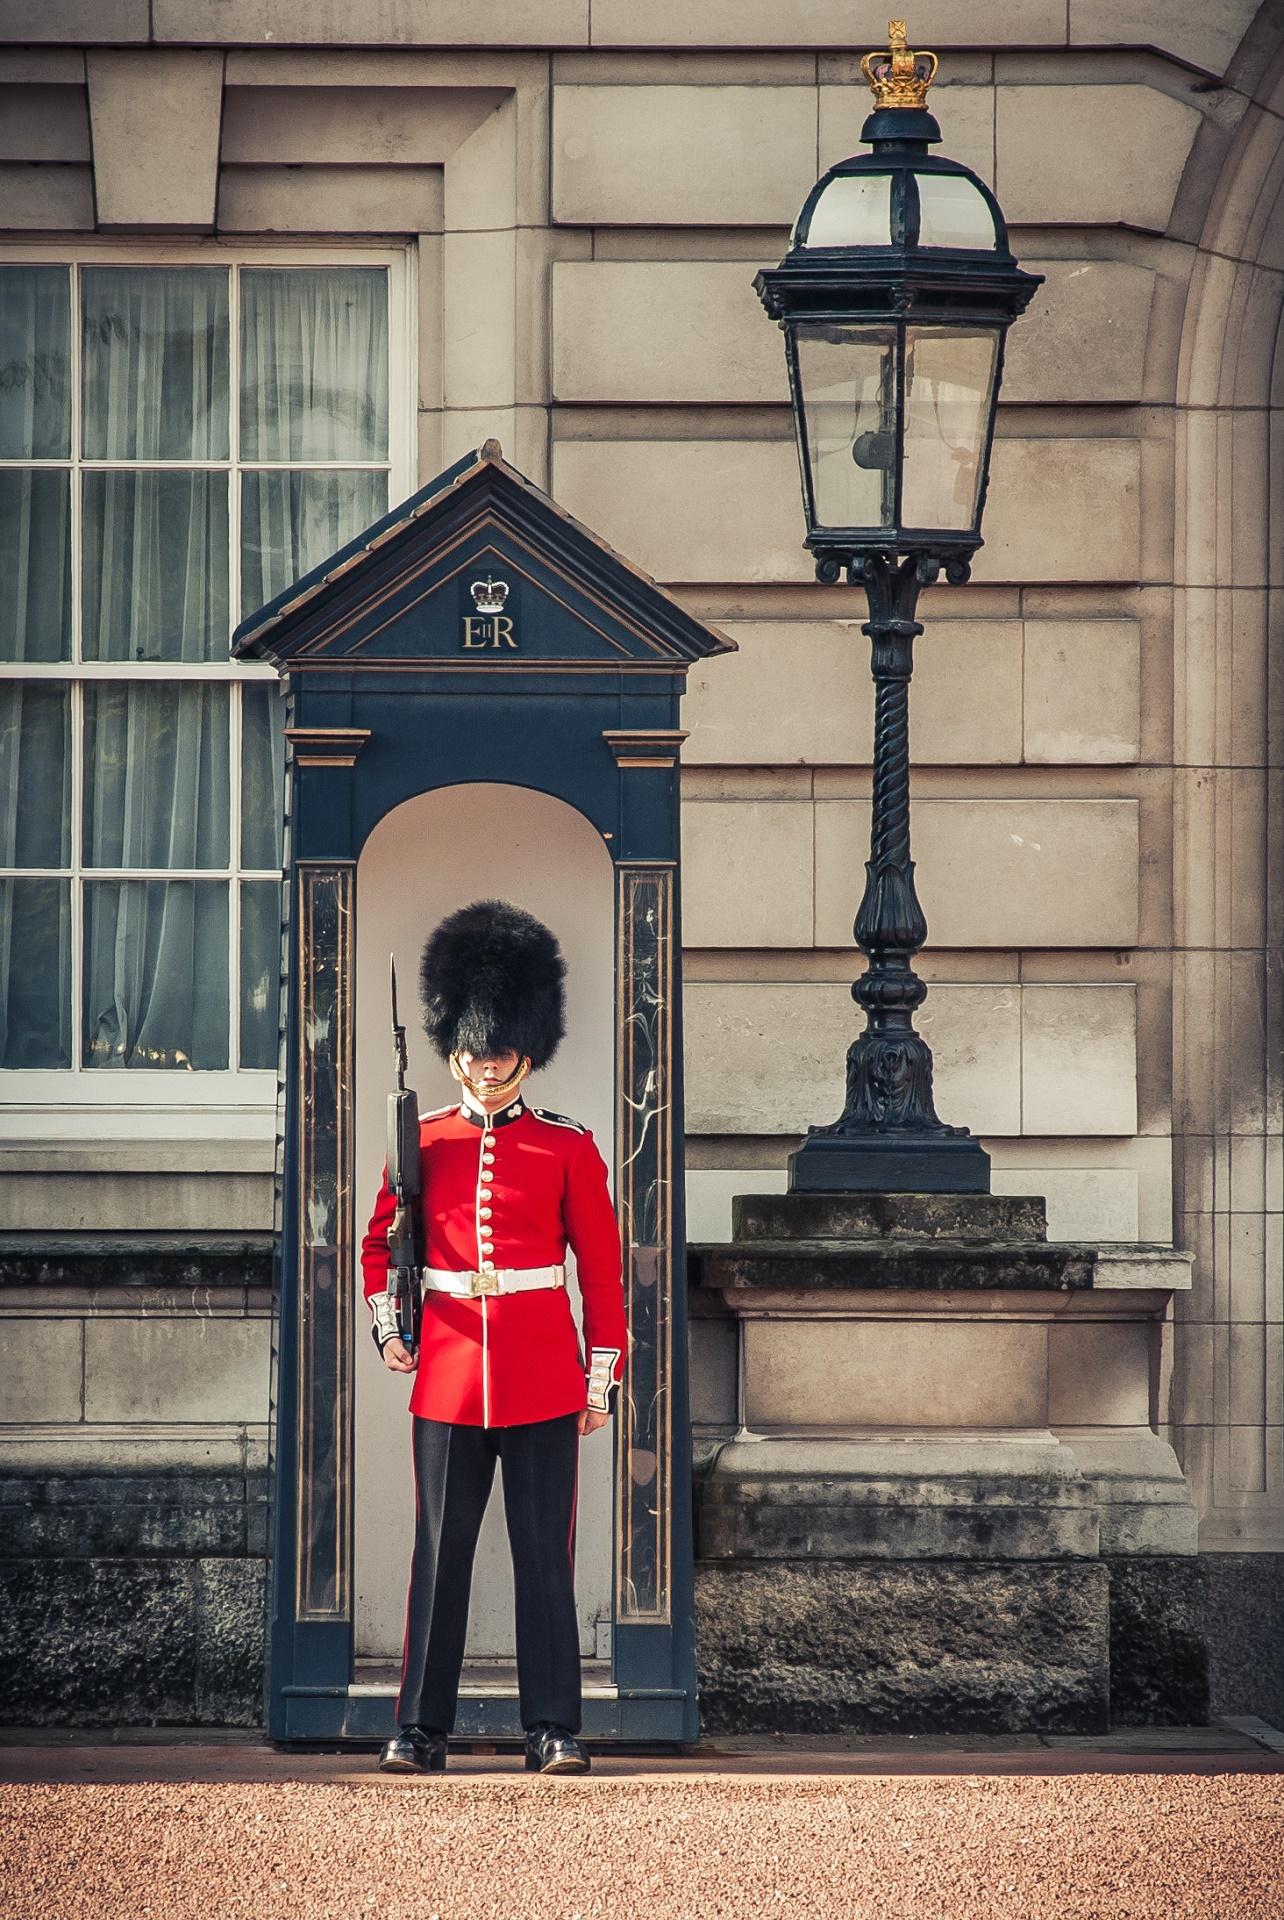 Royal Tour of London